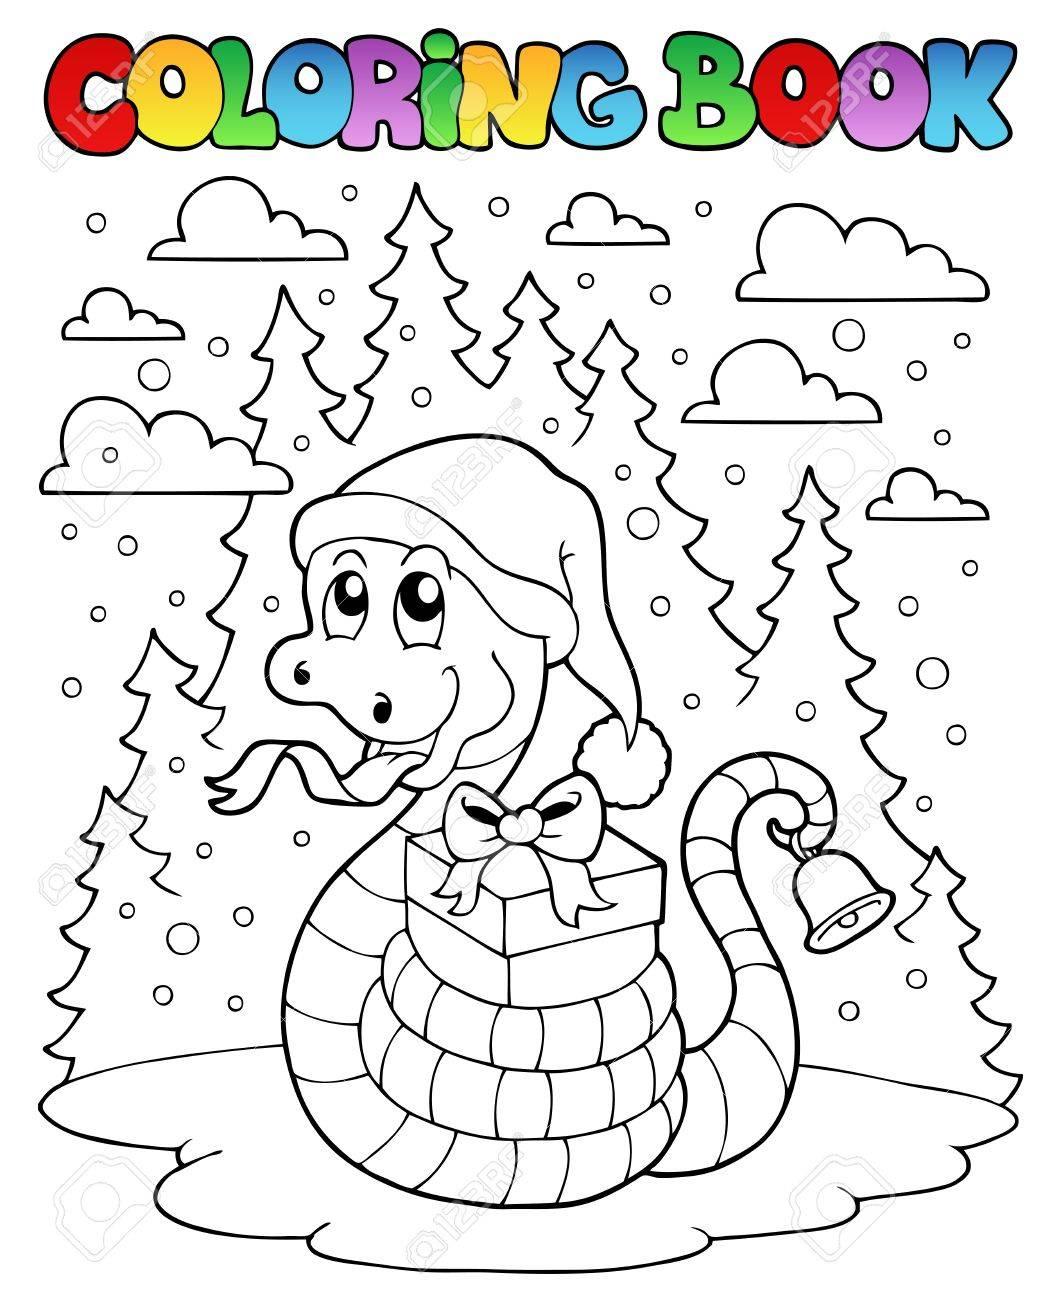 Libro Para Colorear De Navidad Serpiente 1 - Ilustración Vectorial ...